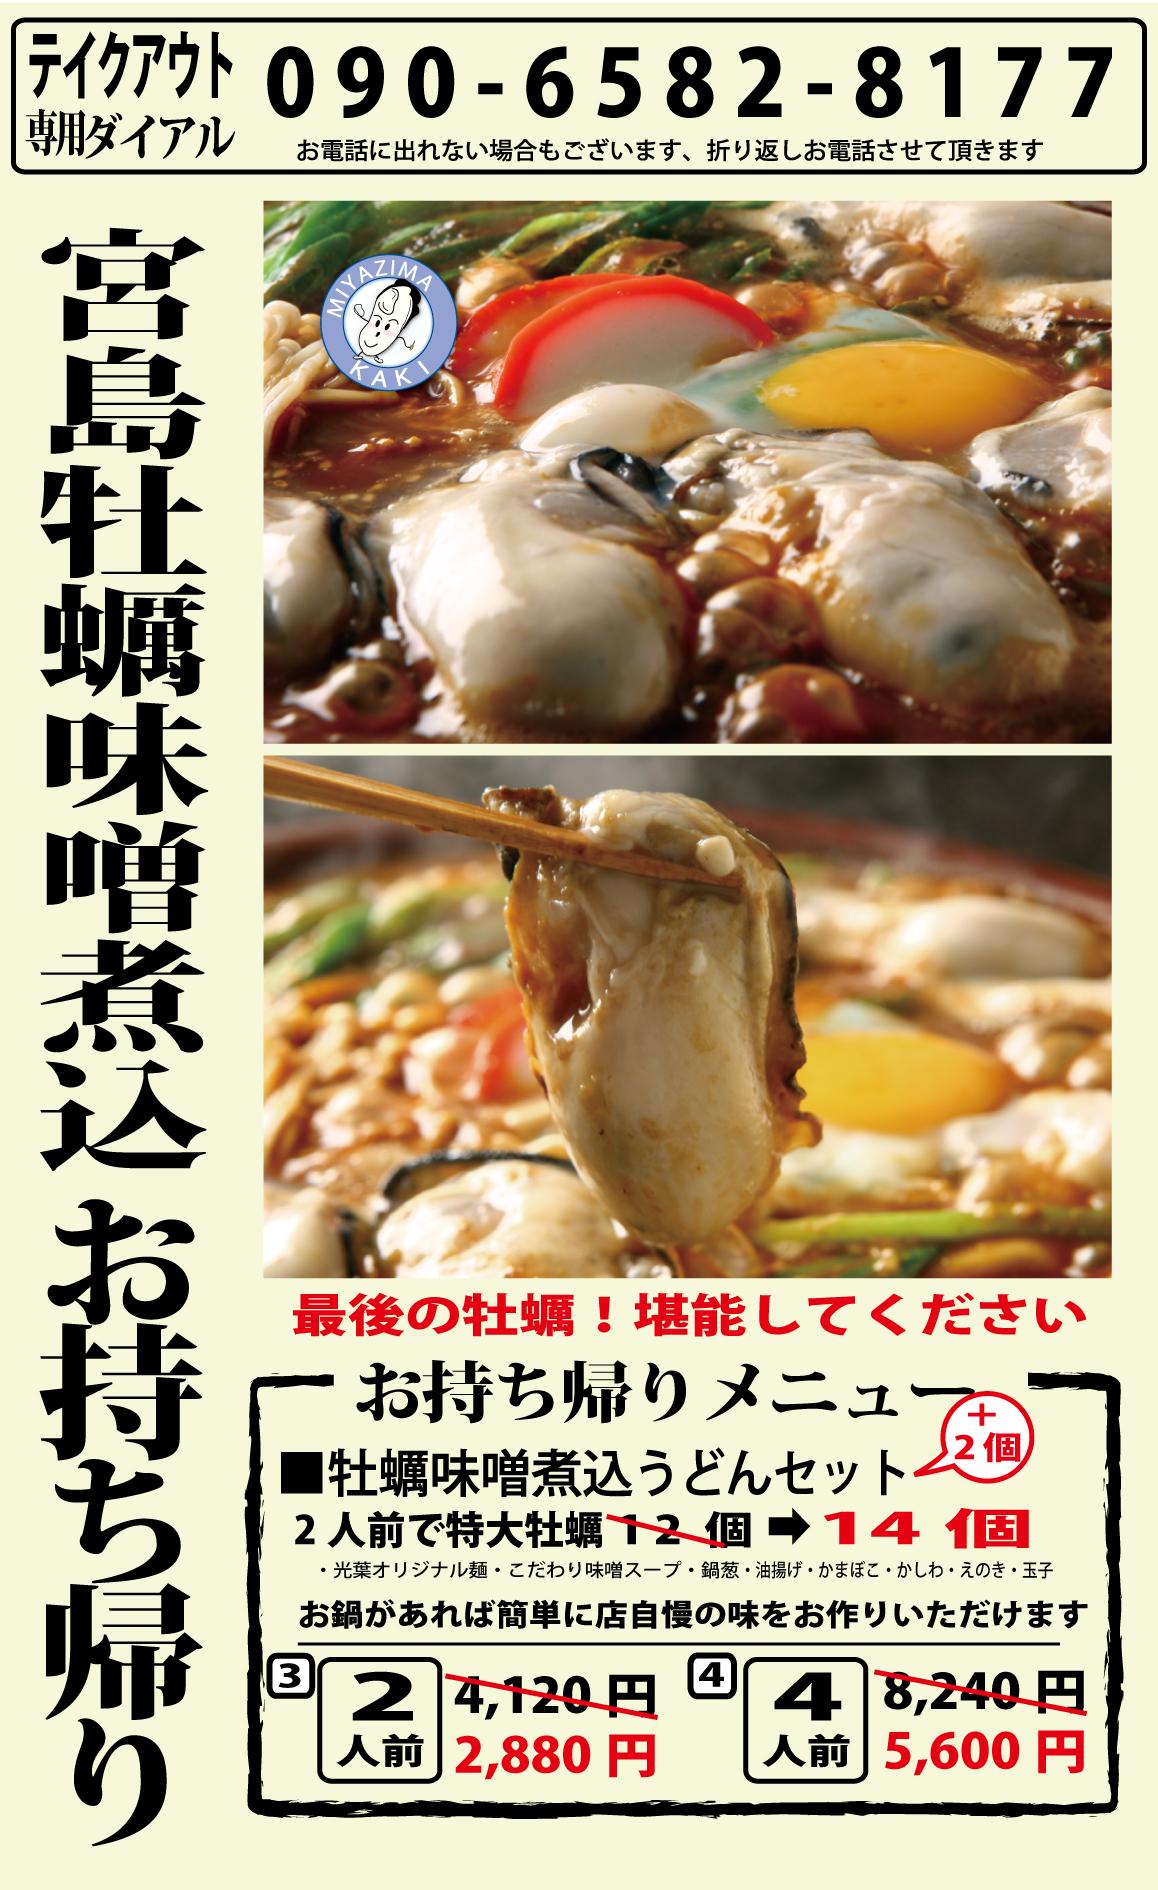 可児ごはん牡蠣味噌煮込み②